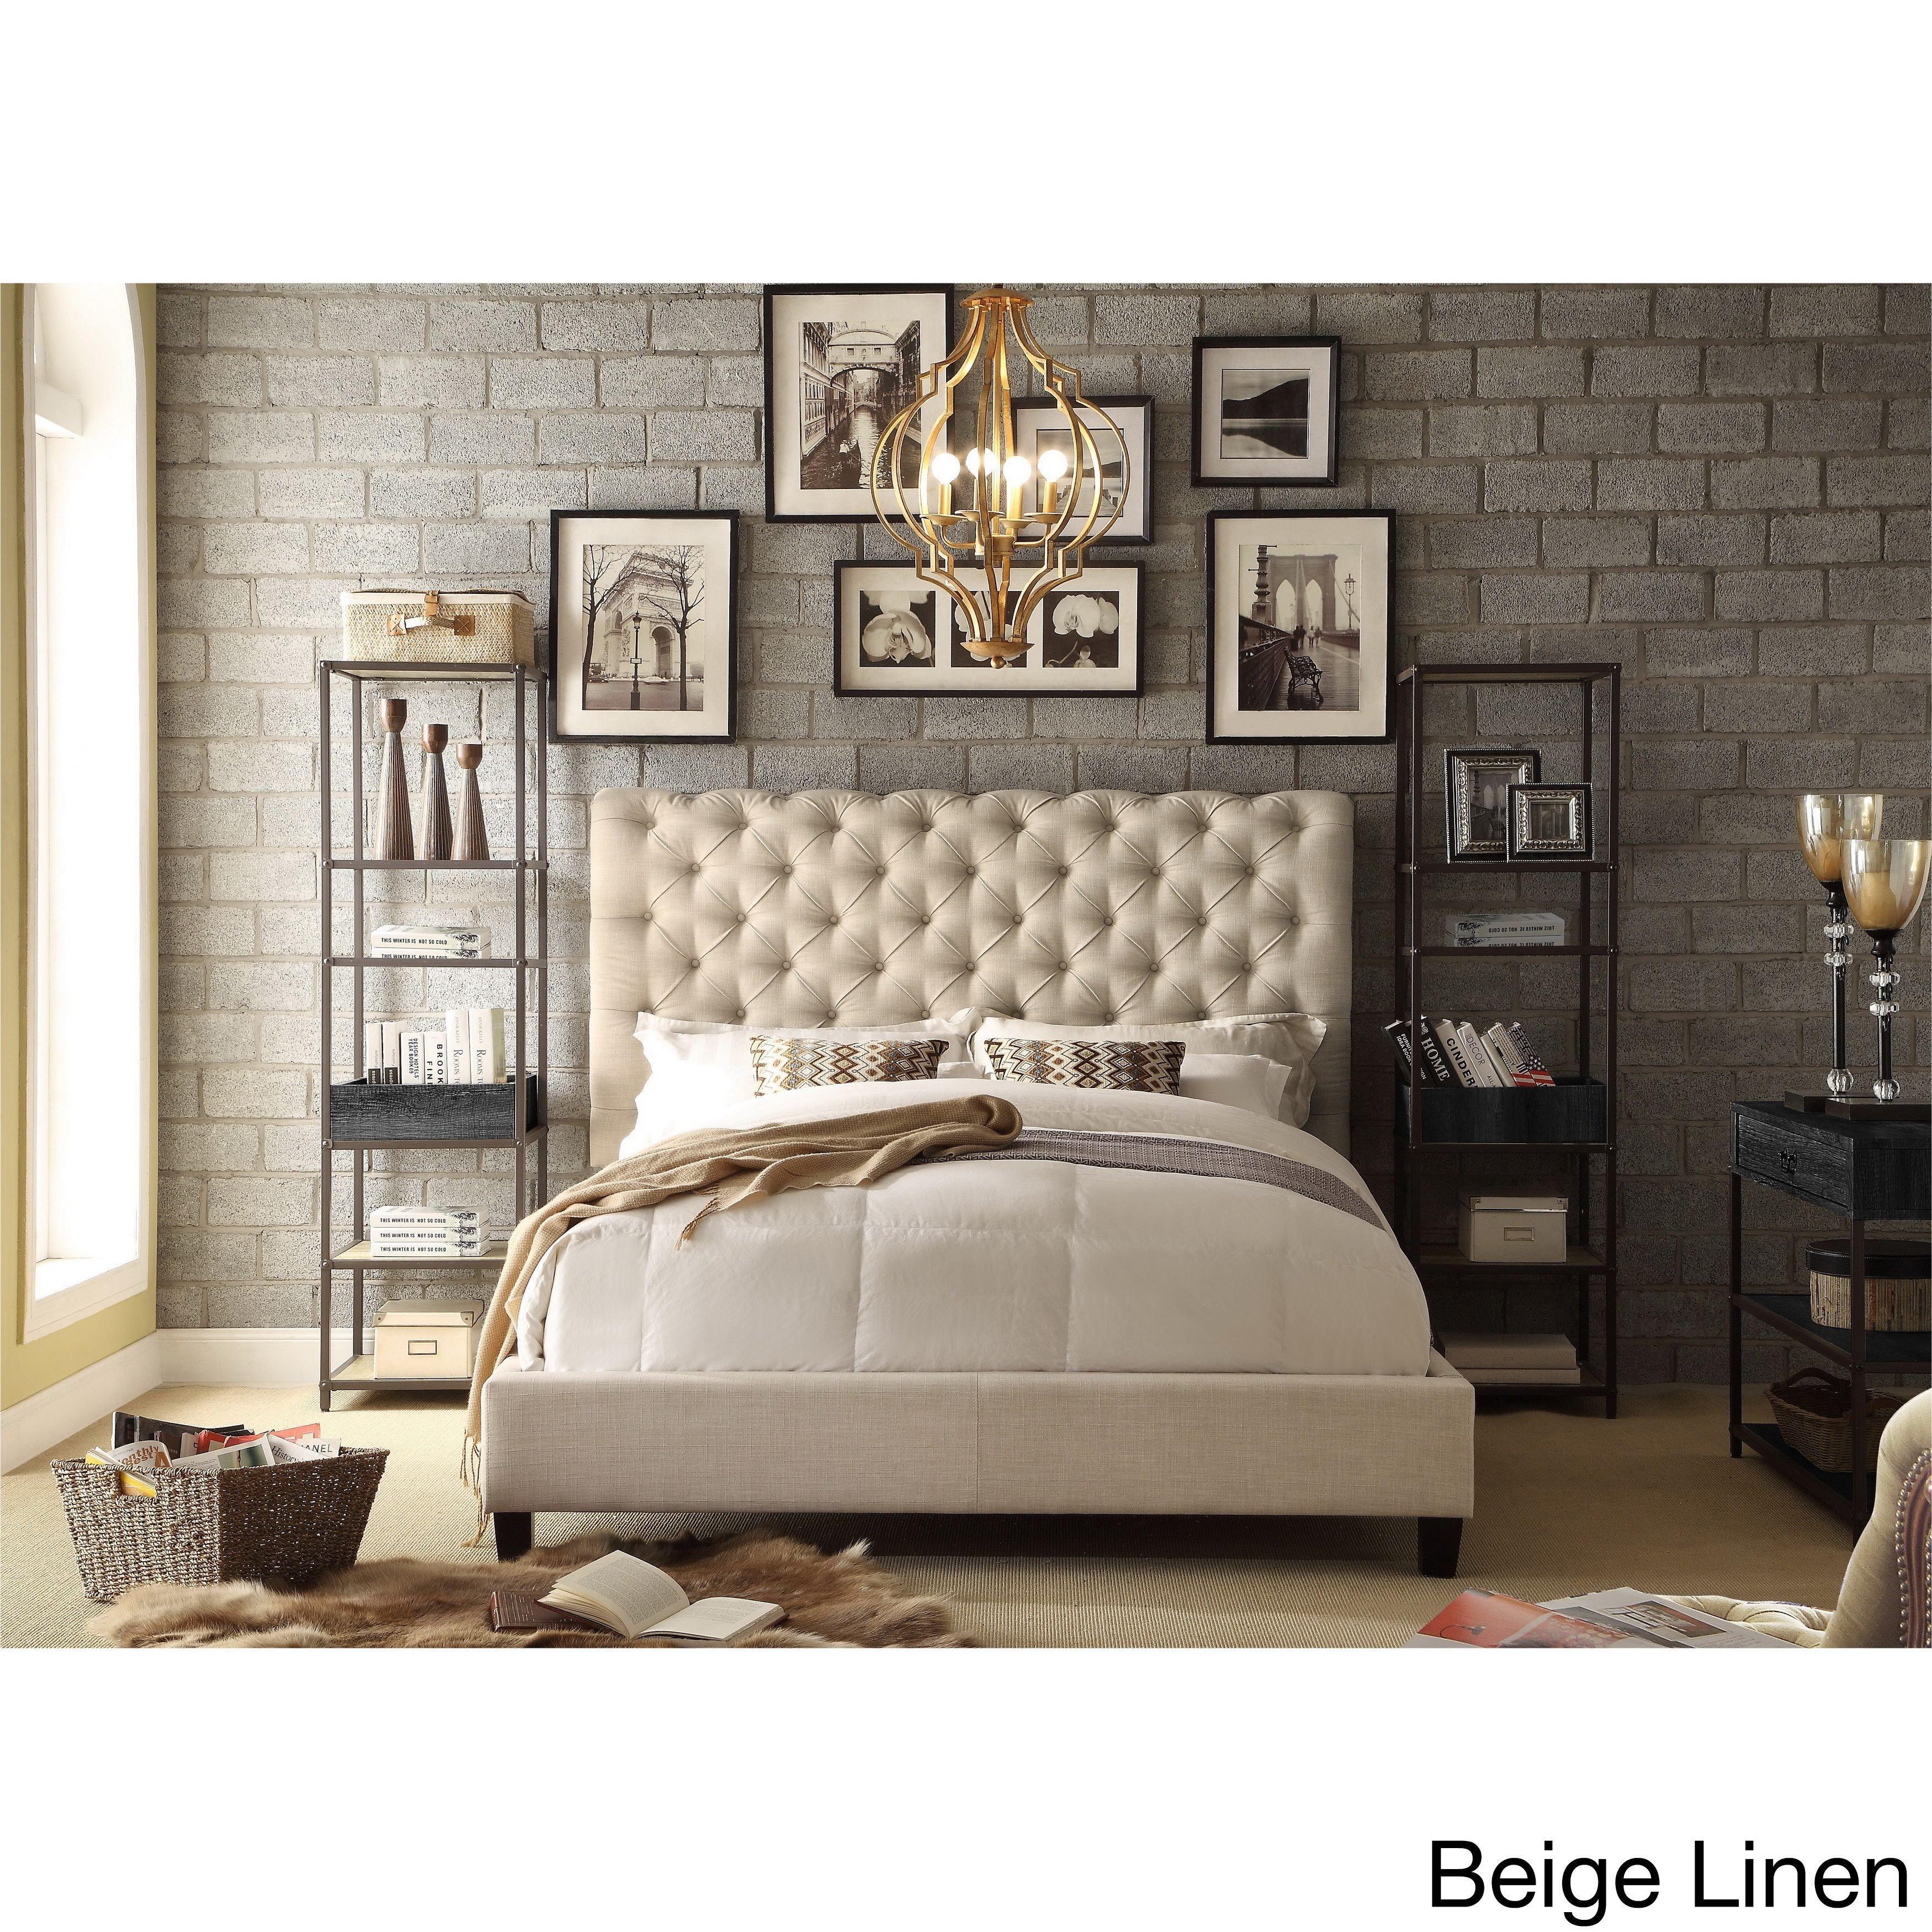 Pier One Bedroom Set Best Of Moser Bay Furniture Calia Tufted Upholstered Platform Bed